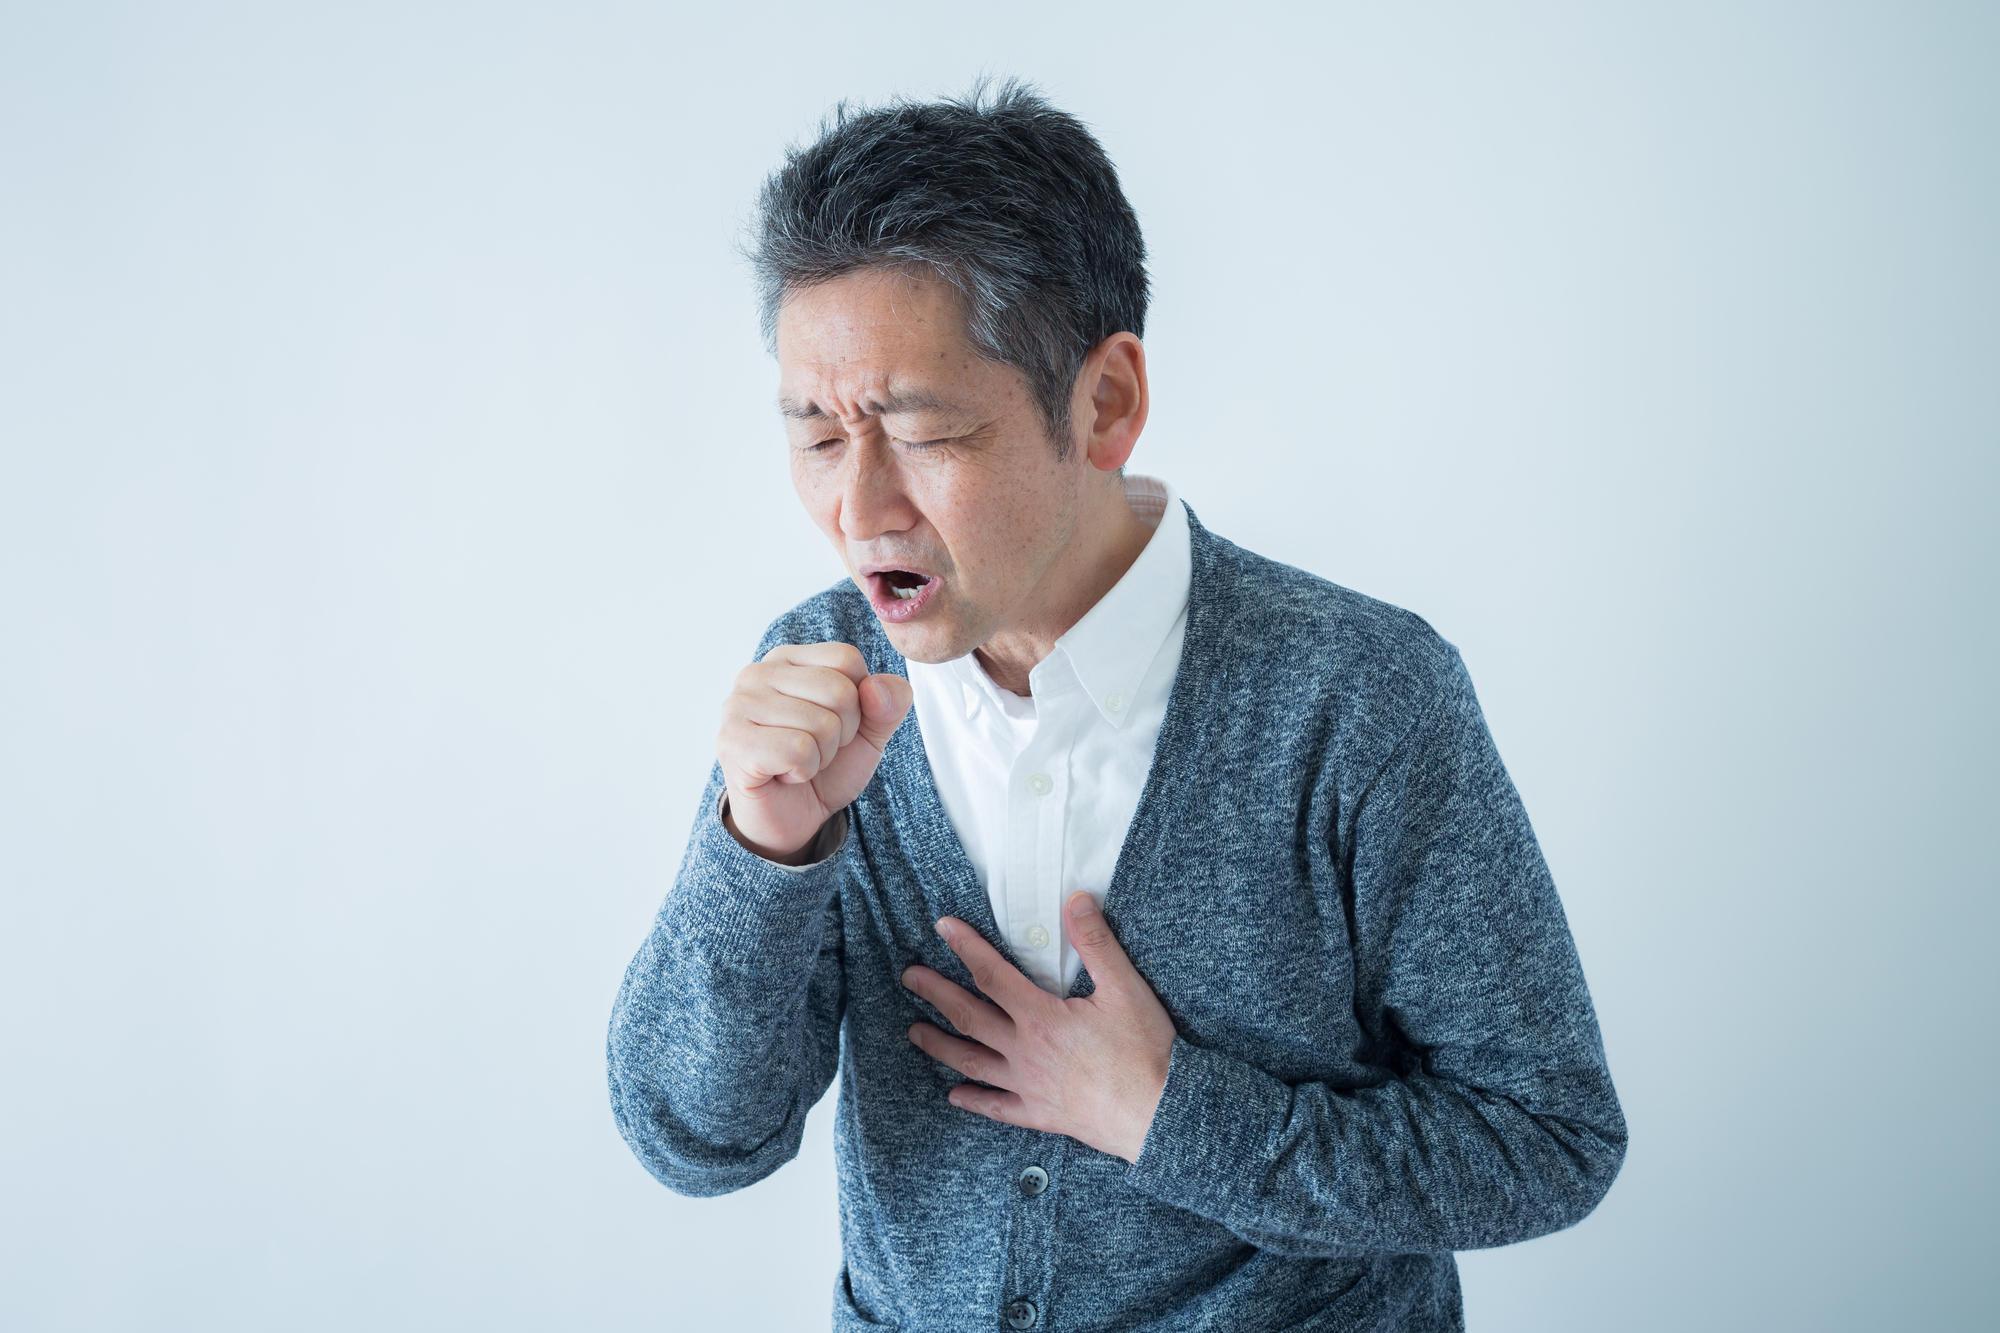 肺炎球菌ワクチン予防接種|仙台市泉区・富谷市で予防接種なら、泉大沢ファミリークリニックへ